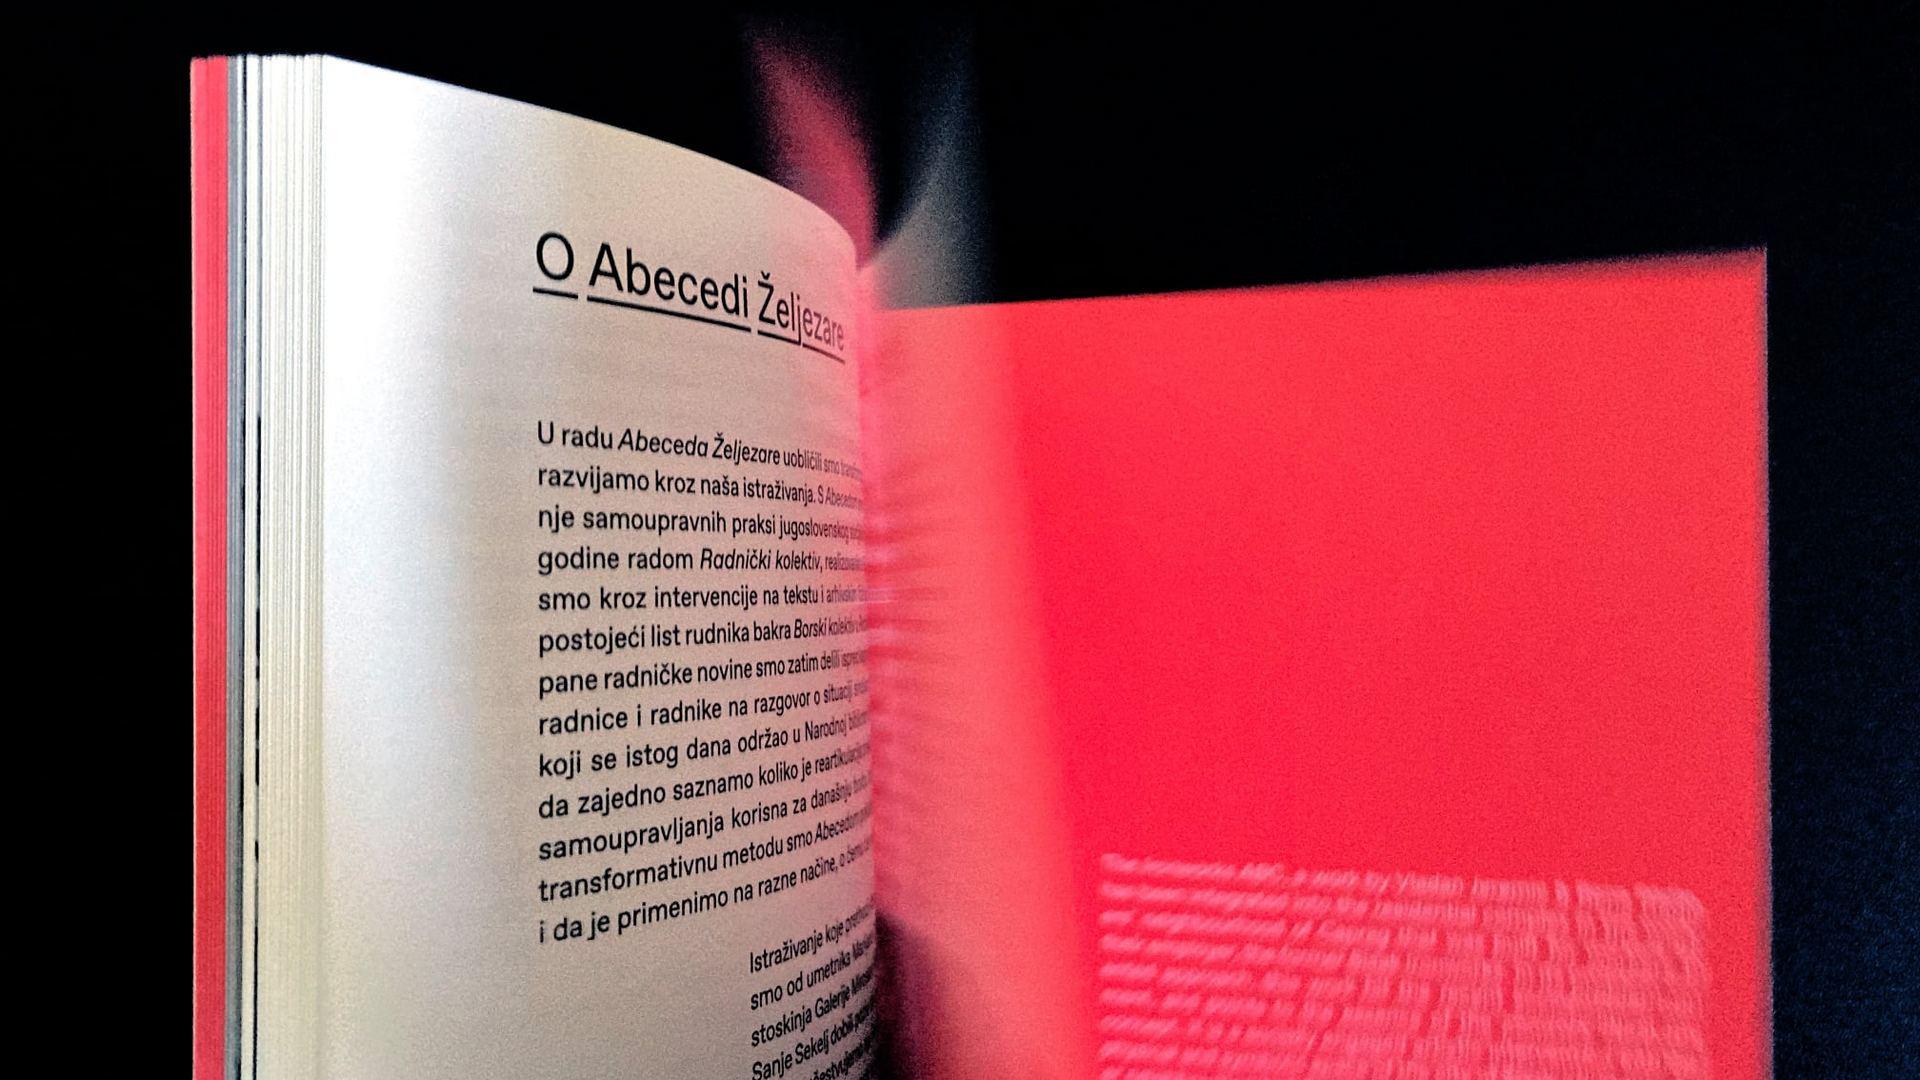 ''Abeceda Željezare'' | Predstavljanje knjige posvećene Marijanu Crtaliću